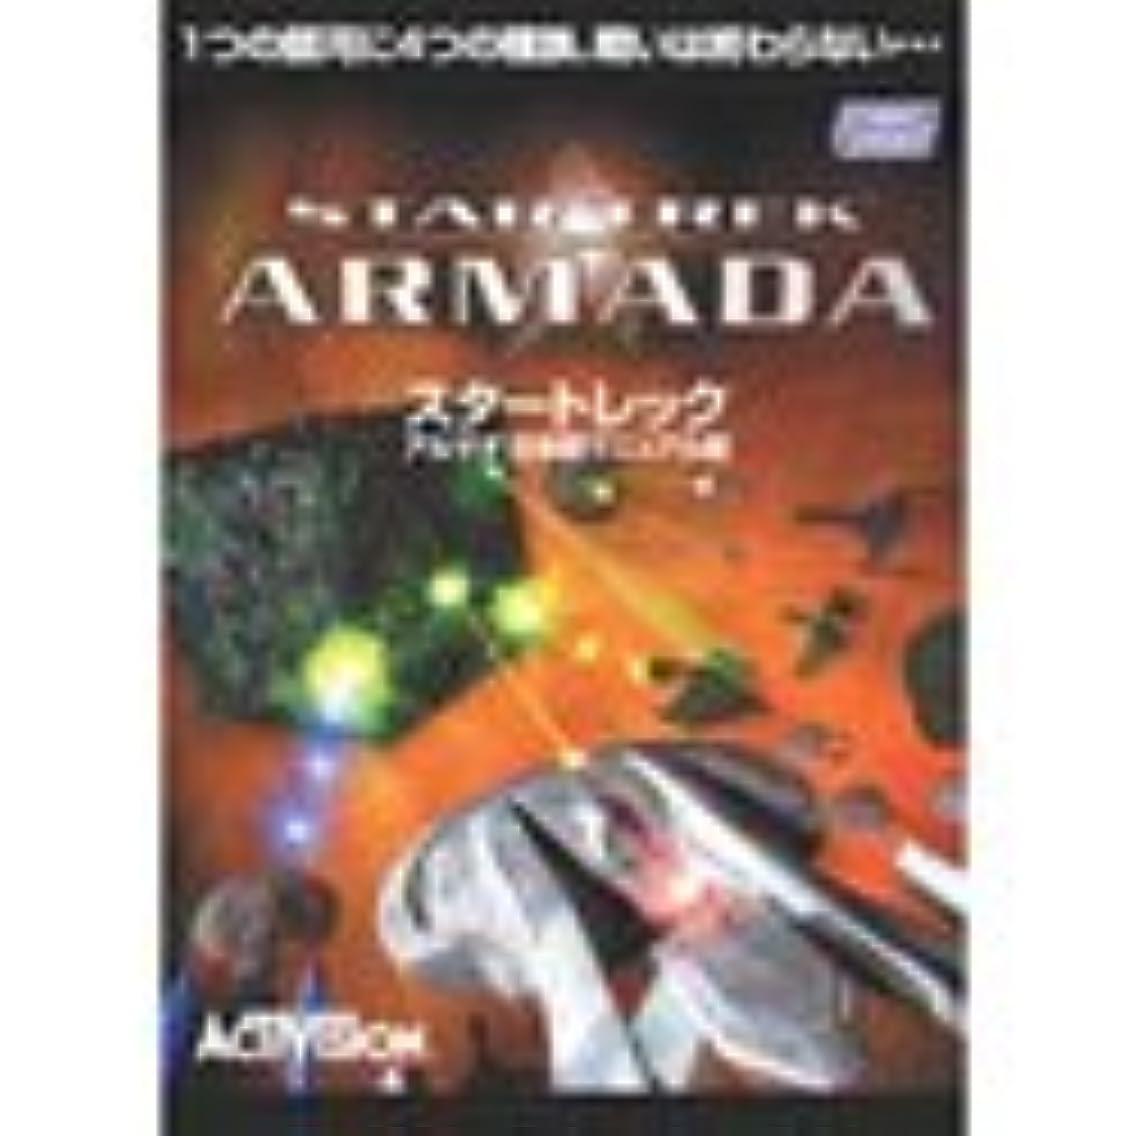 血まみれ着飾る長くするスタートレック - アルマダ-正式ライセンス版 日本語マニュアル付